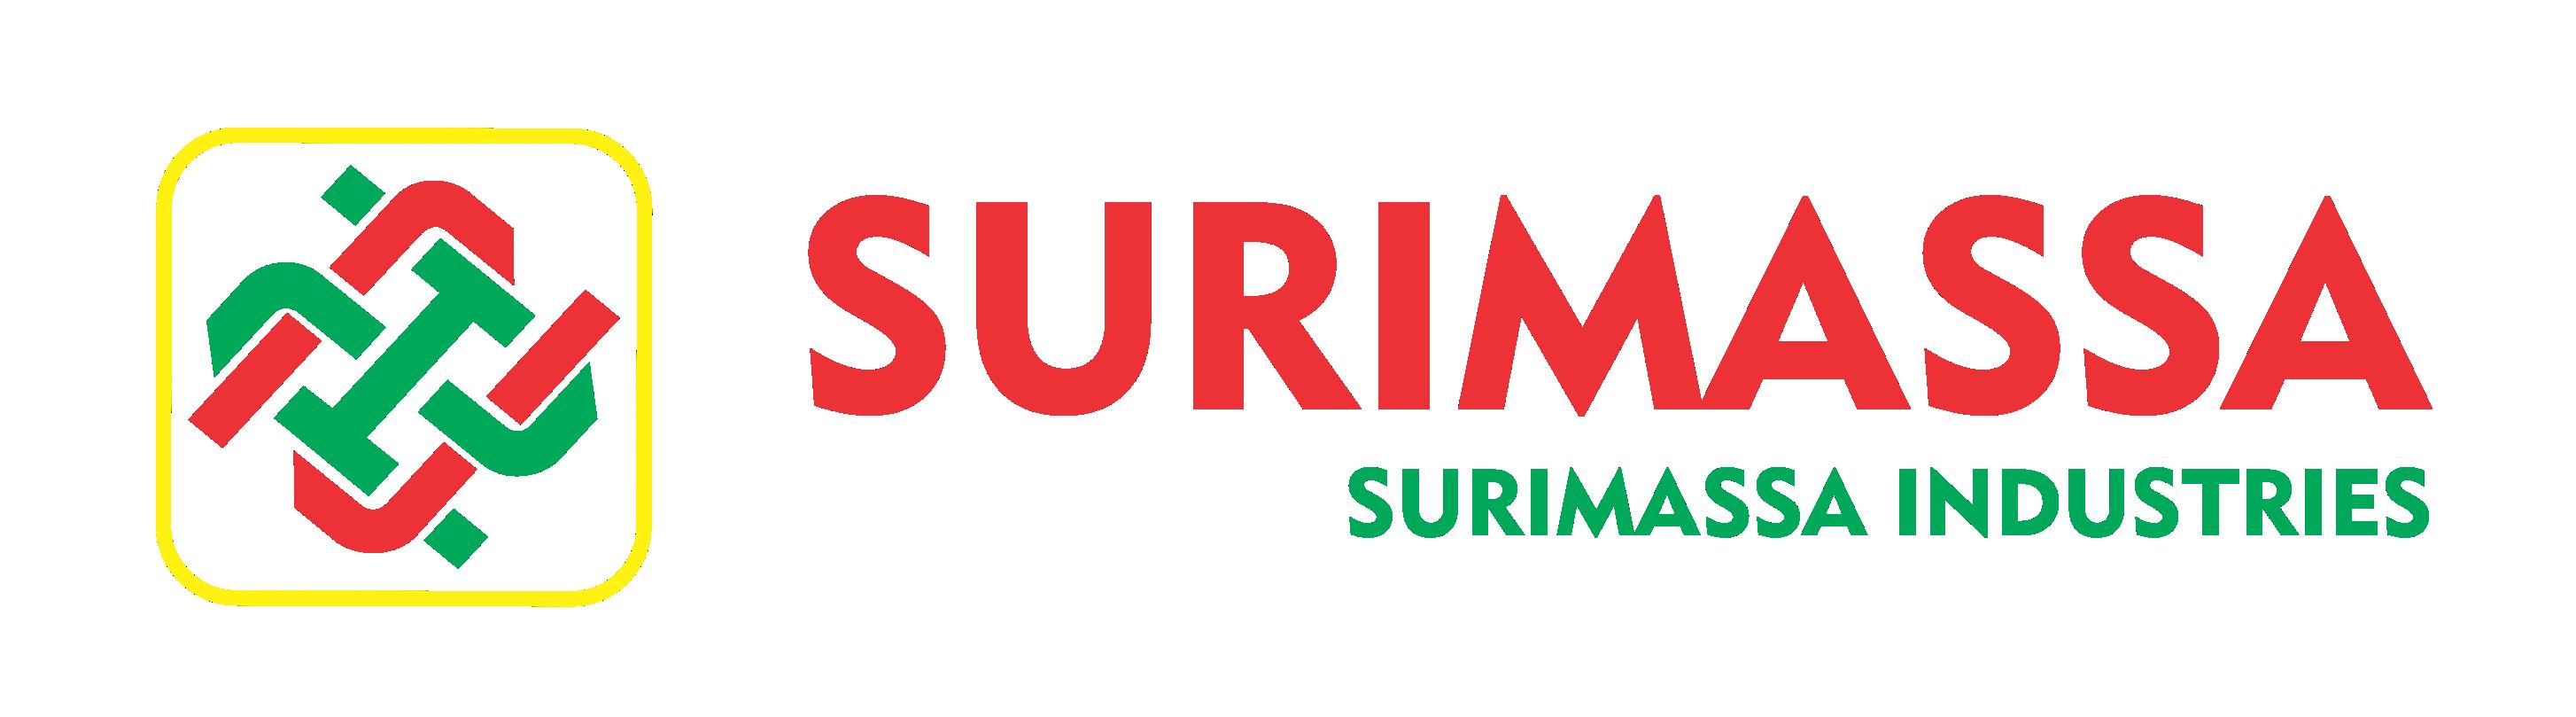 surimassa logo 1 web